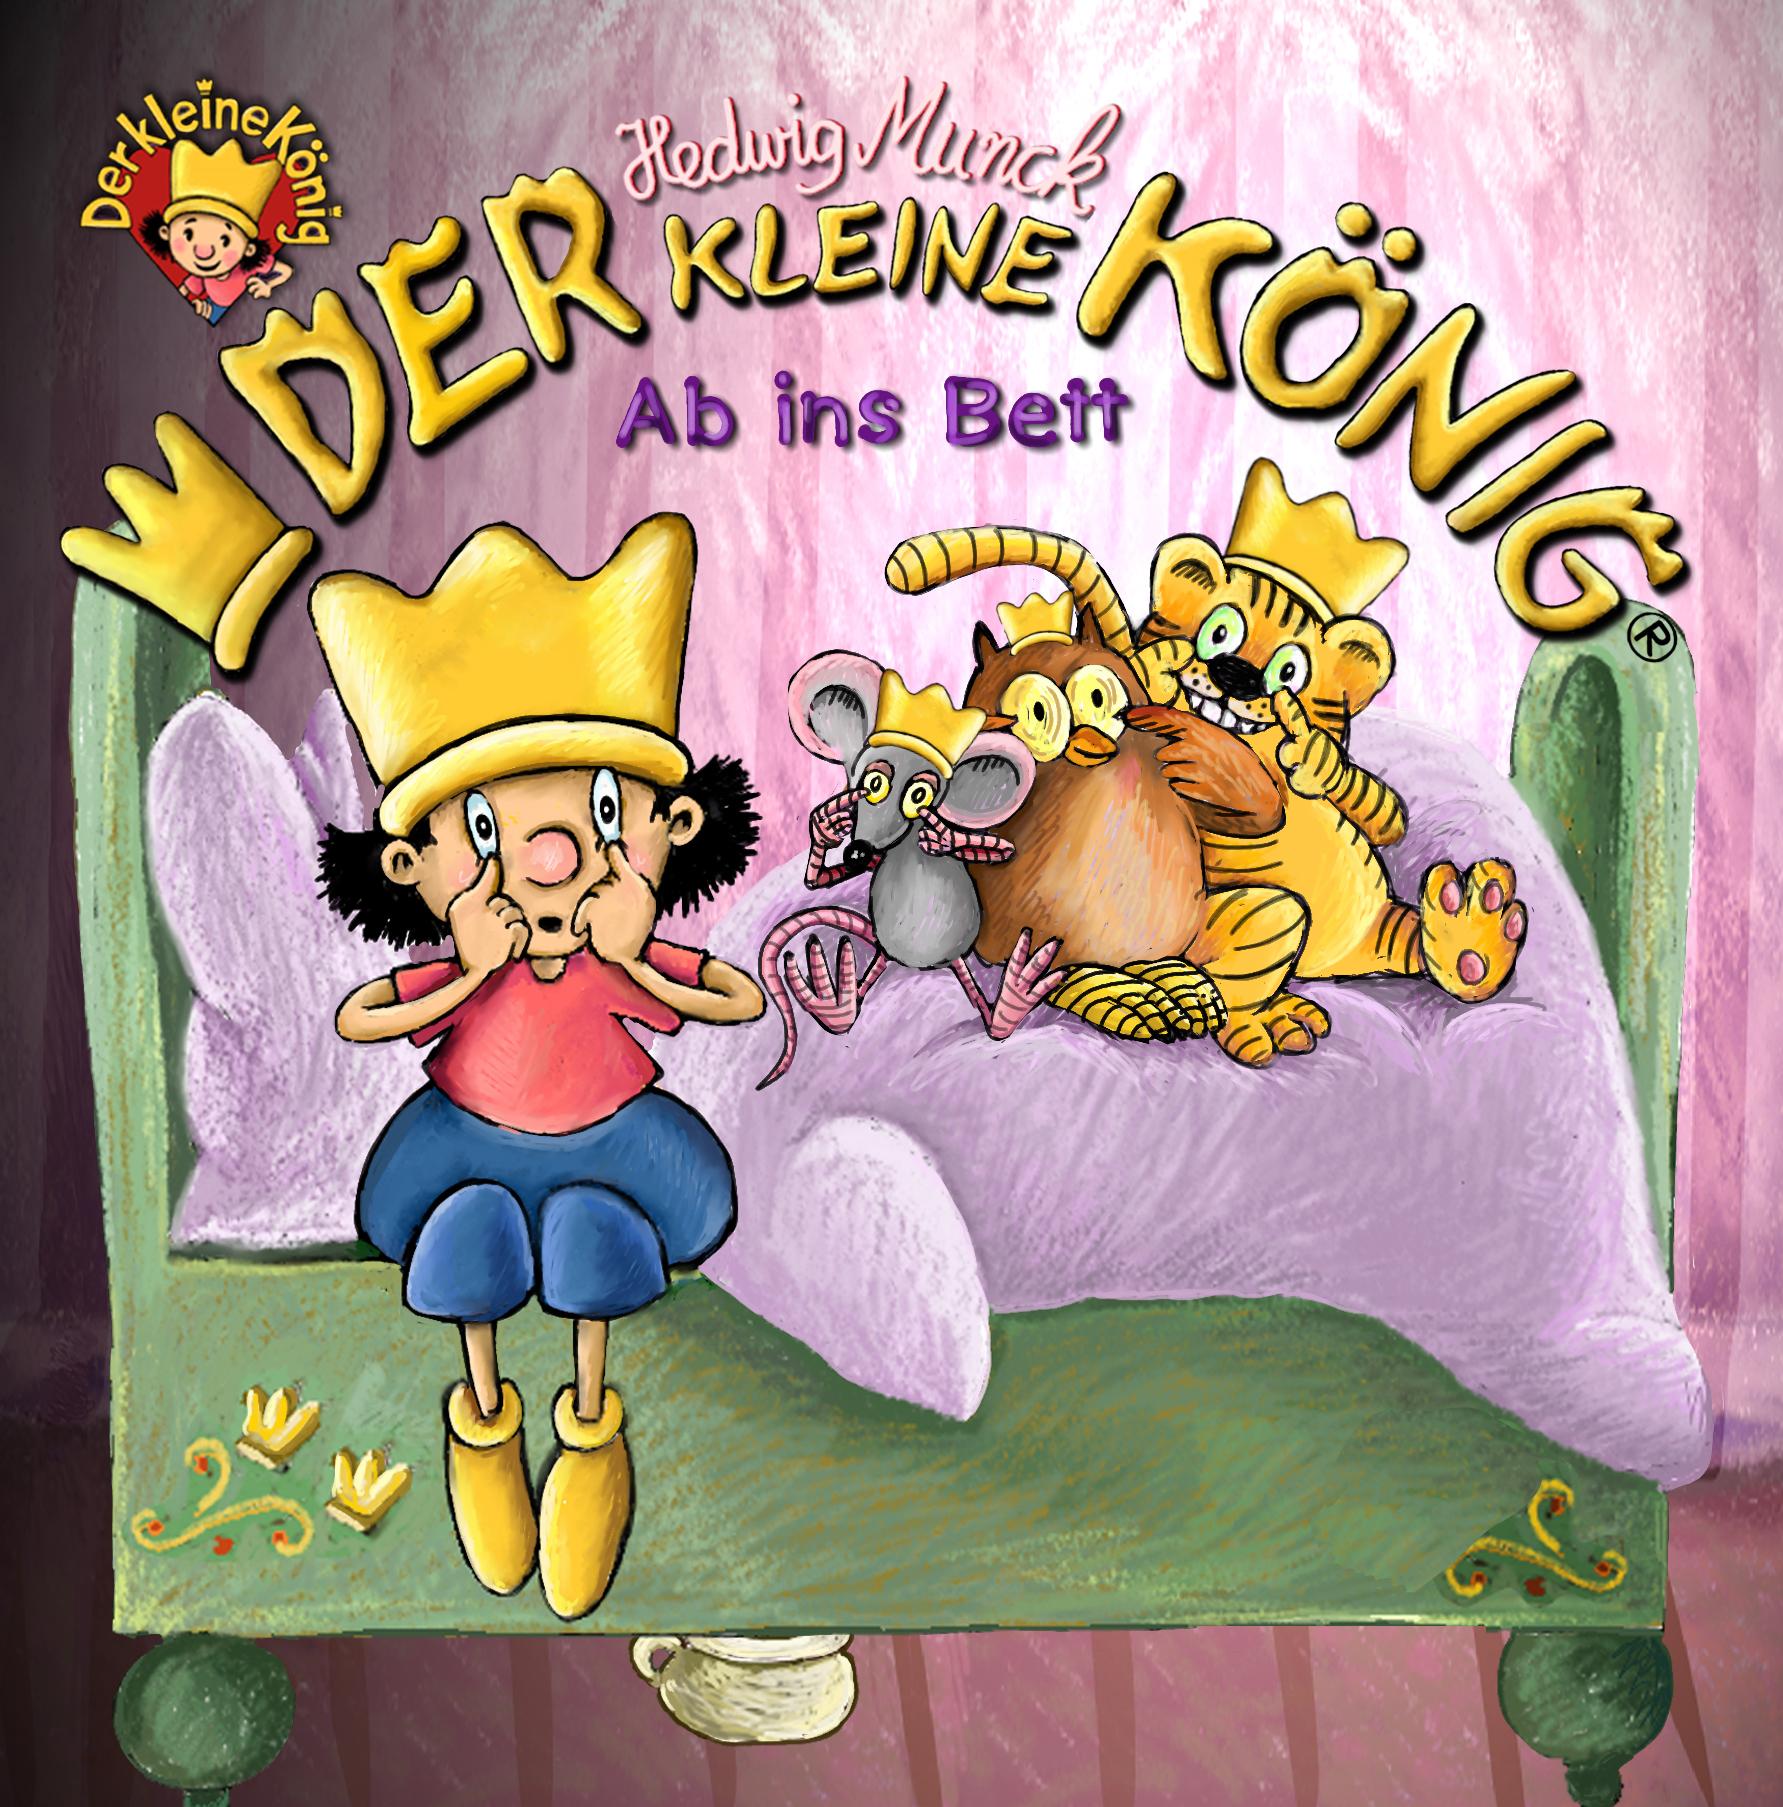 Hedwig Munck Der kleine König - Ab ins Bett munck hedwig der kleine konig und der verlorene zahn page 3 page 5 page 10 page 7